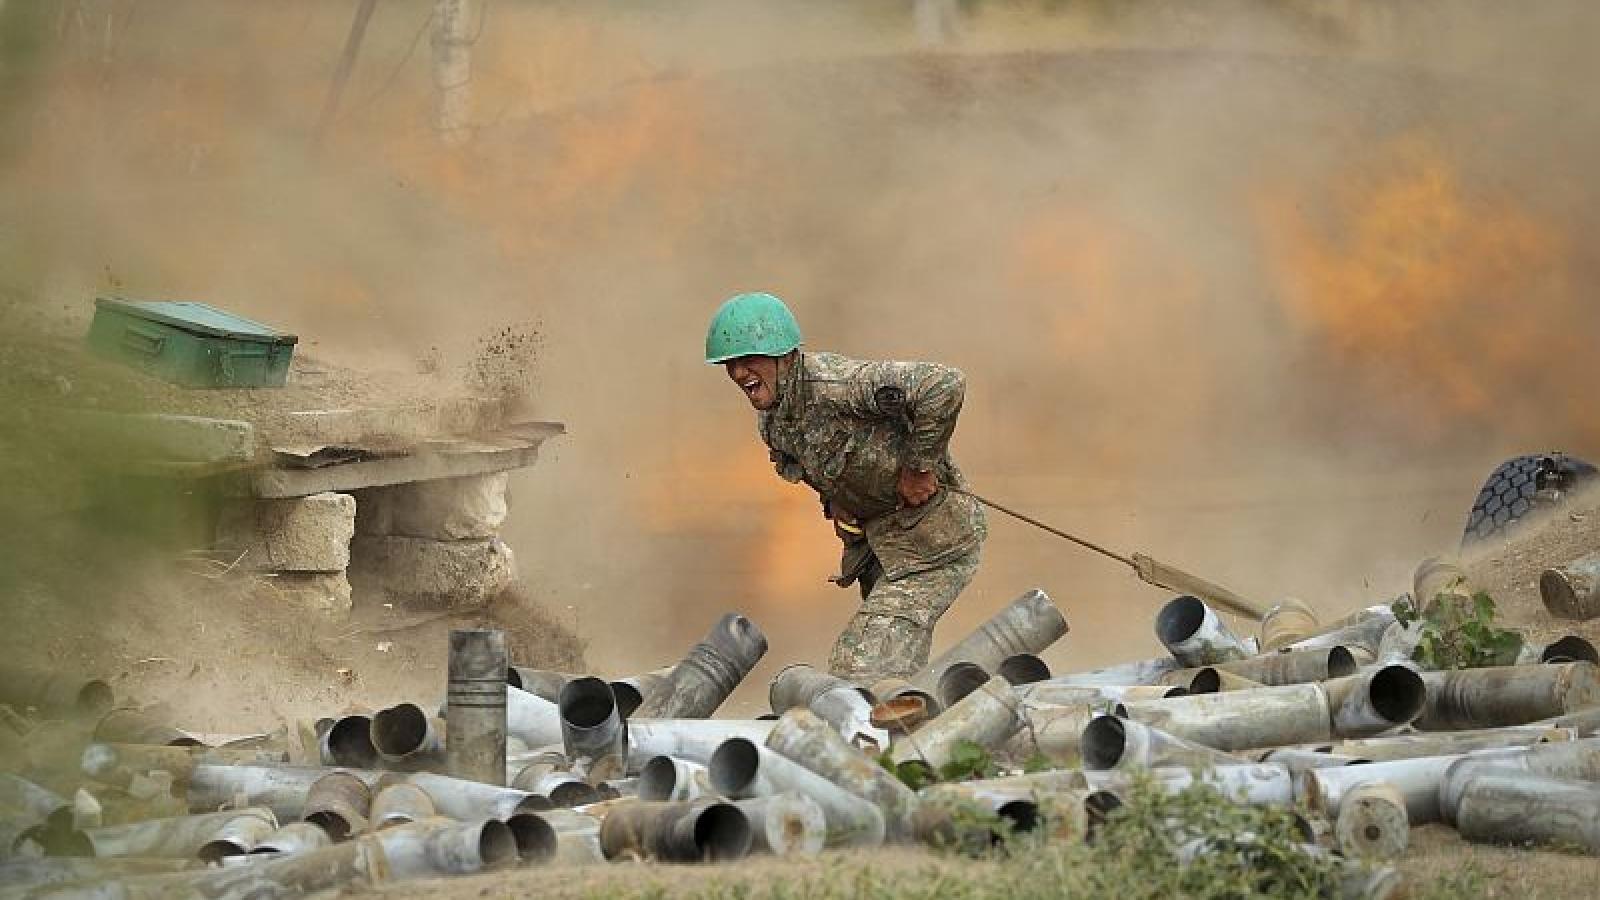 """Xung đột Nagorno-Karabakh: Thổ Nhĩ Kỳ quyết làm tới, Nga khó """"khoanh tay đứng nhìn"""""""